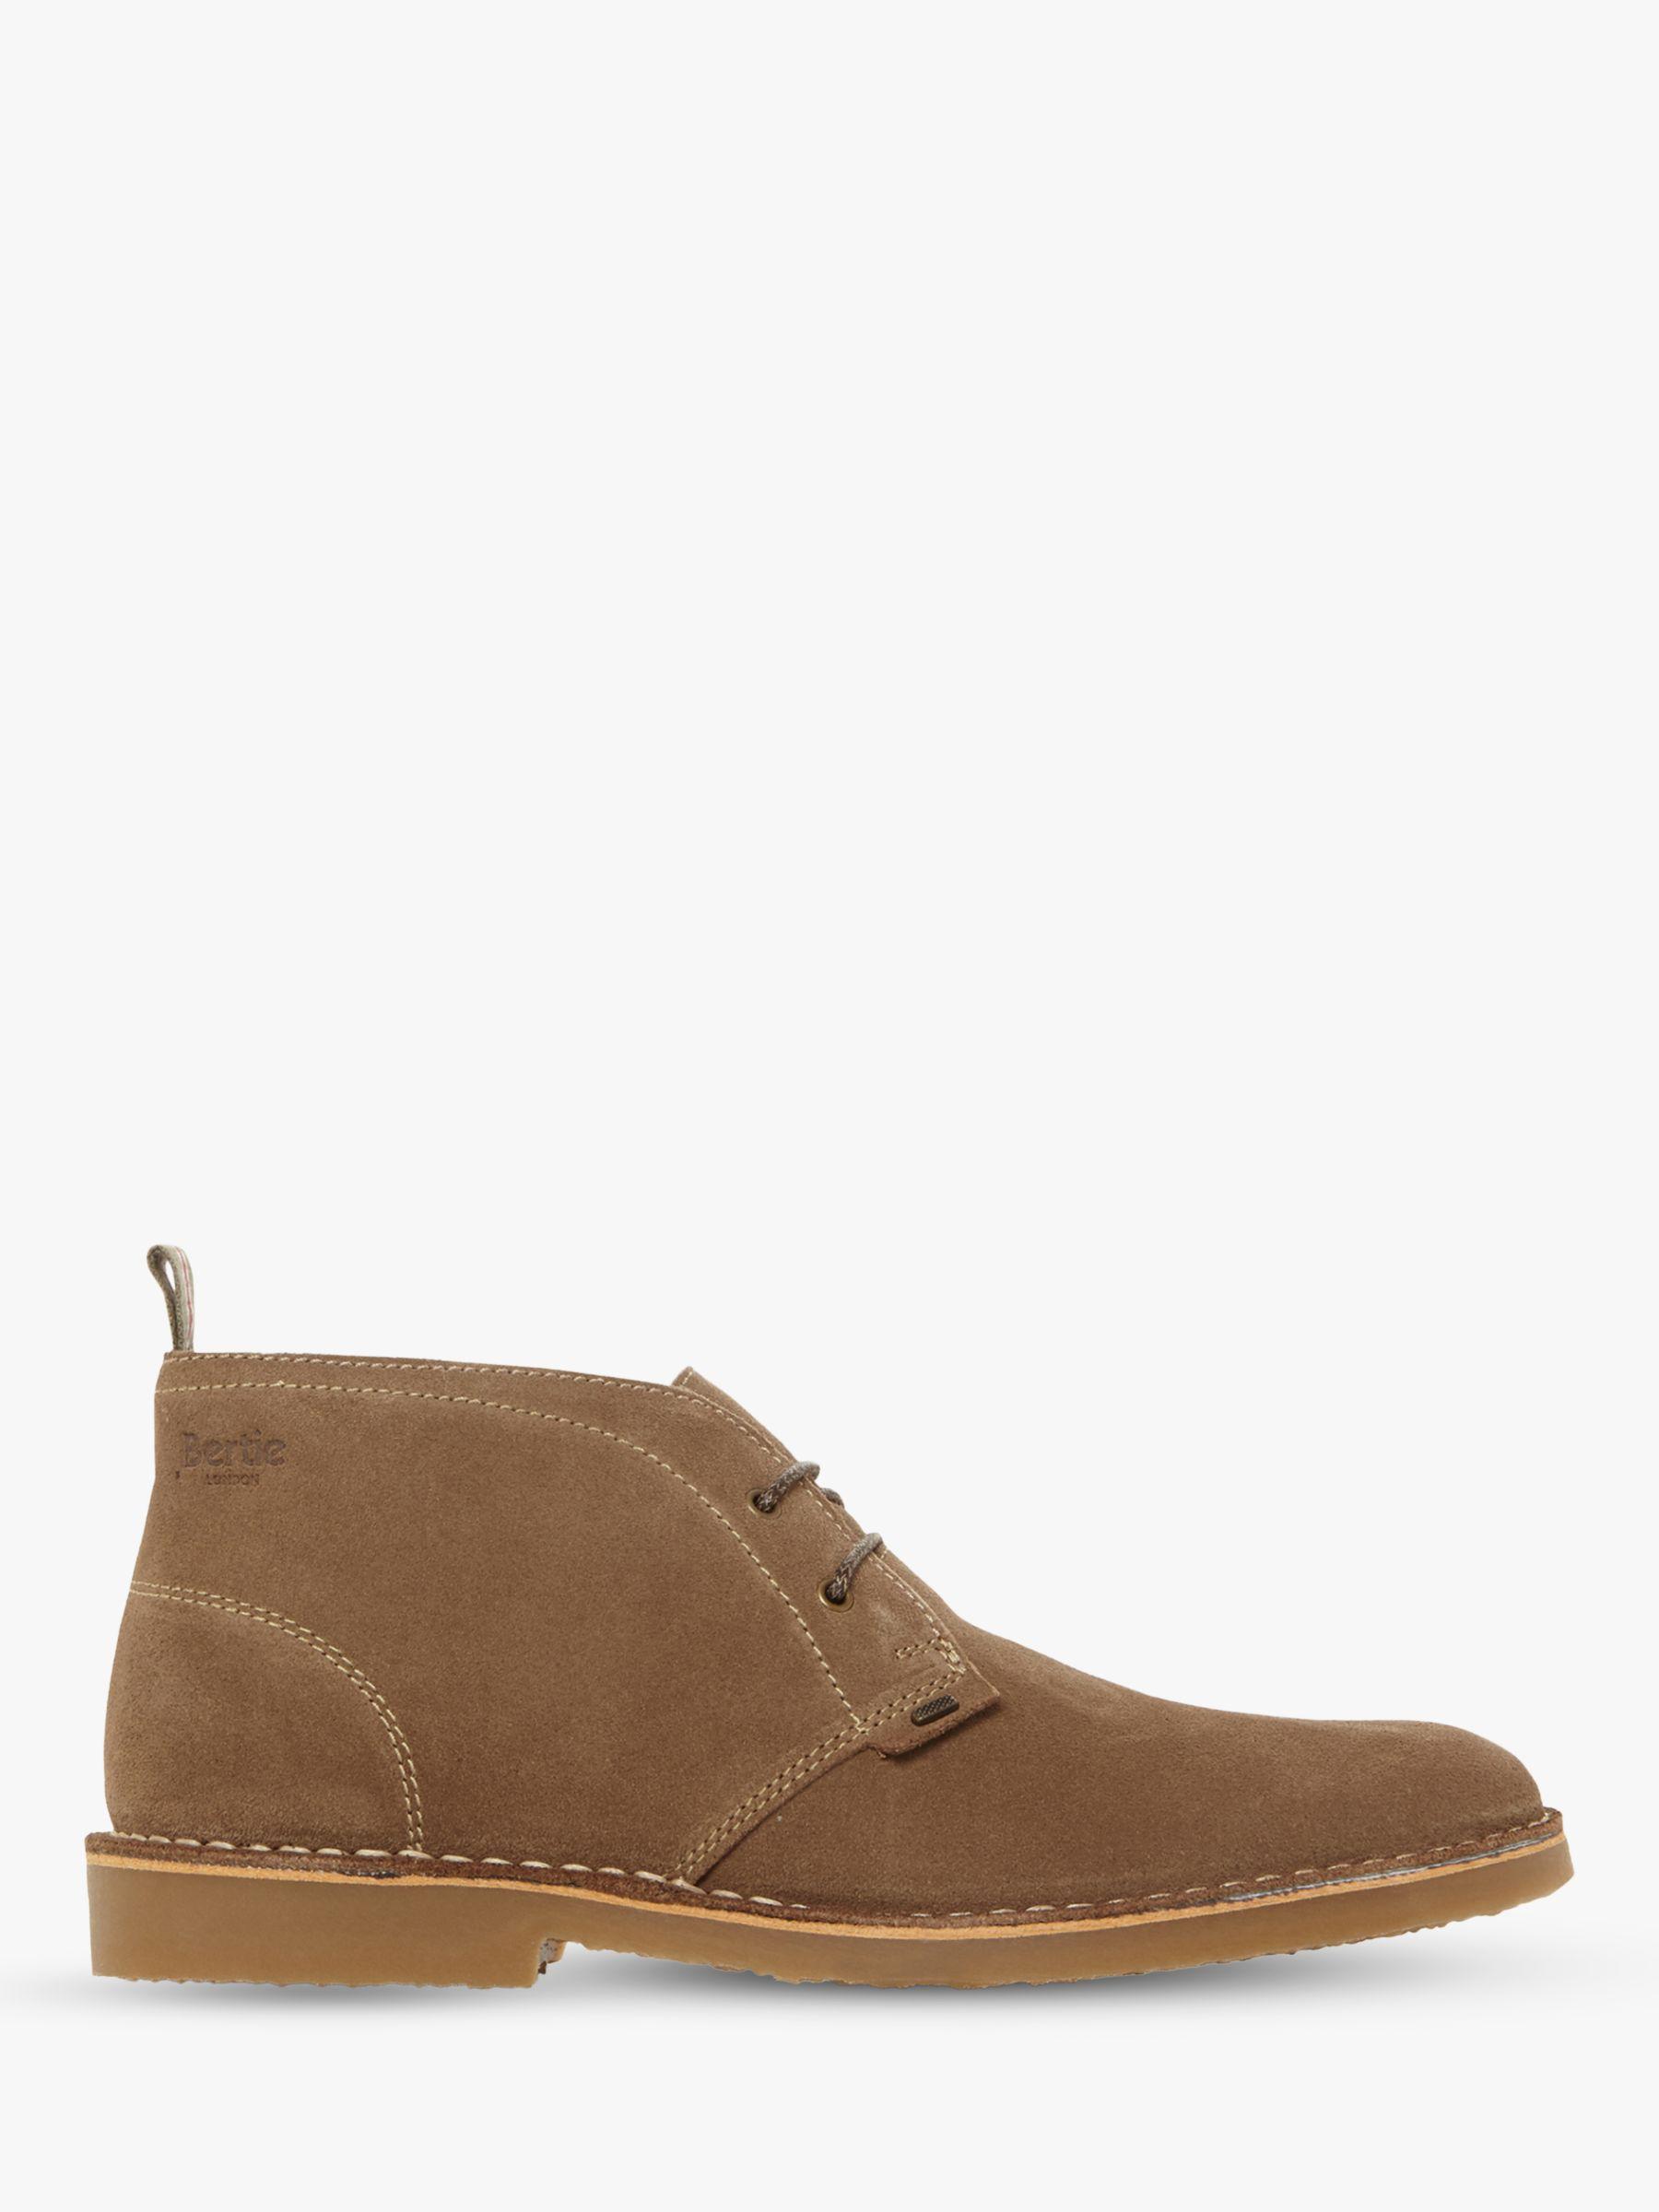 Bertie Bertie Castle II Suede Desert Boots, Taupe